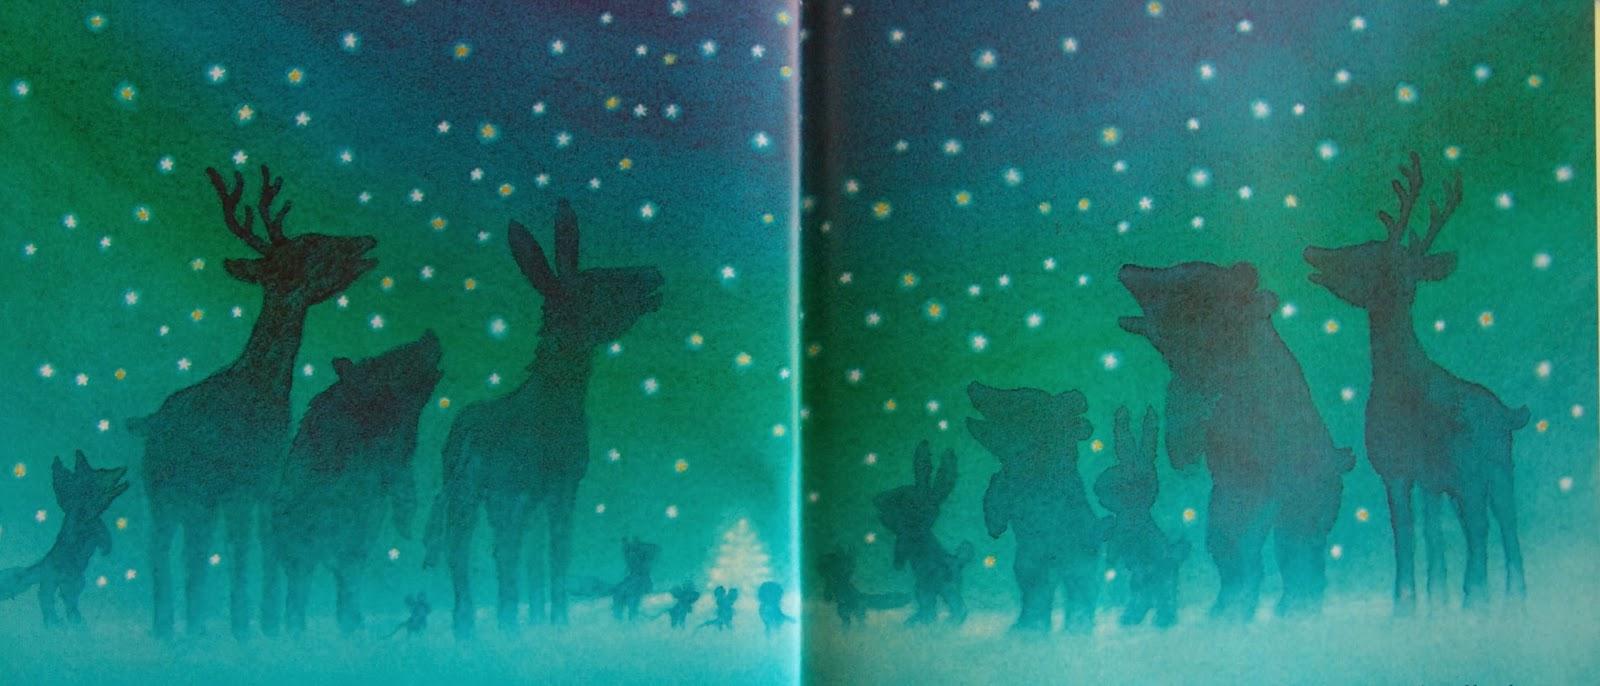 Allerkleinste Tannenbaum.Zauberpunkt 24 Dezember Adventskalender